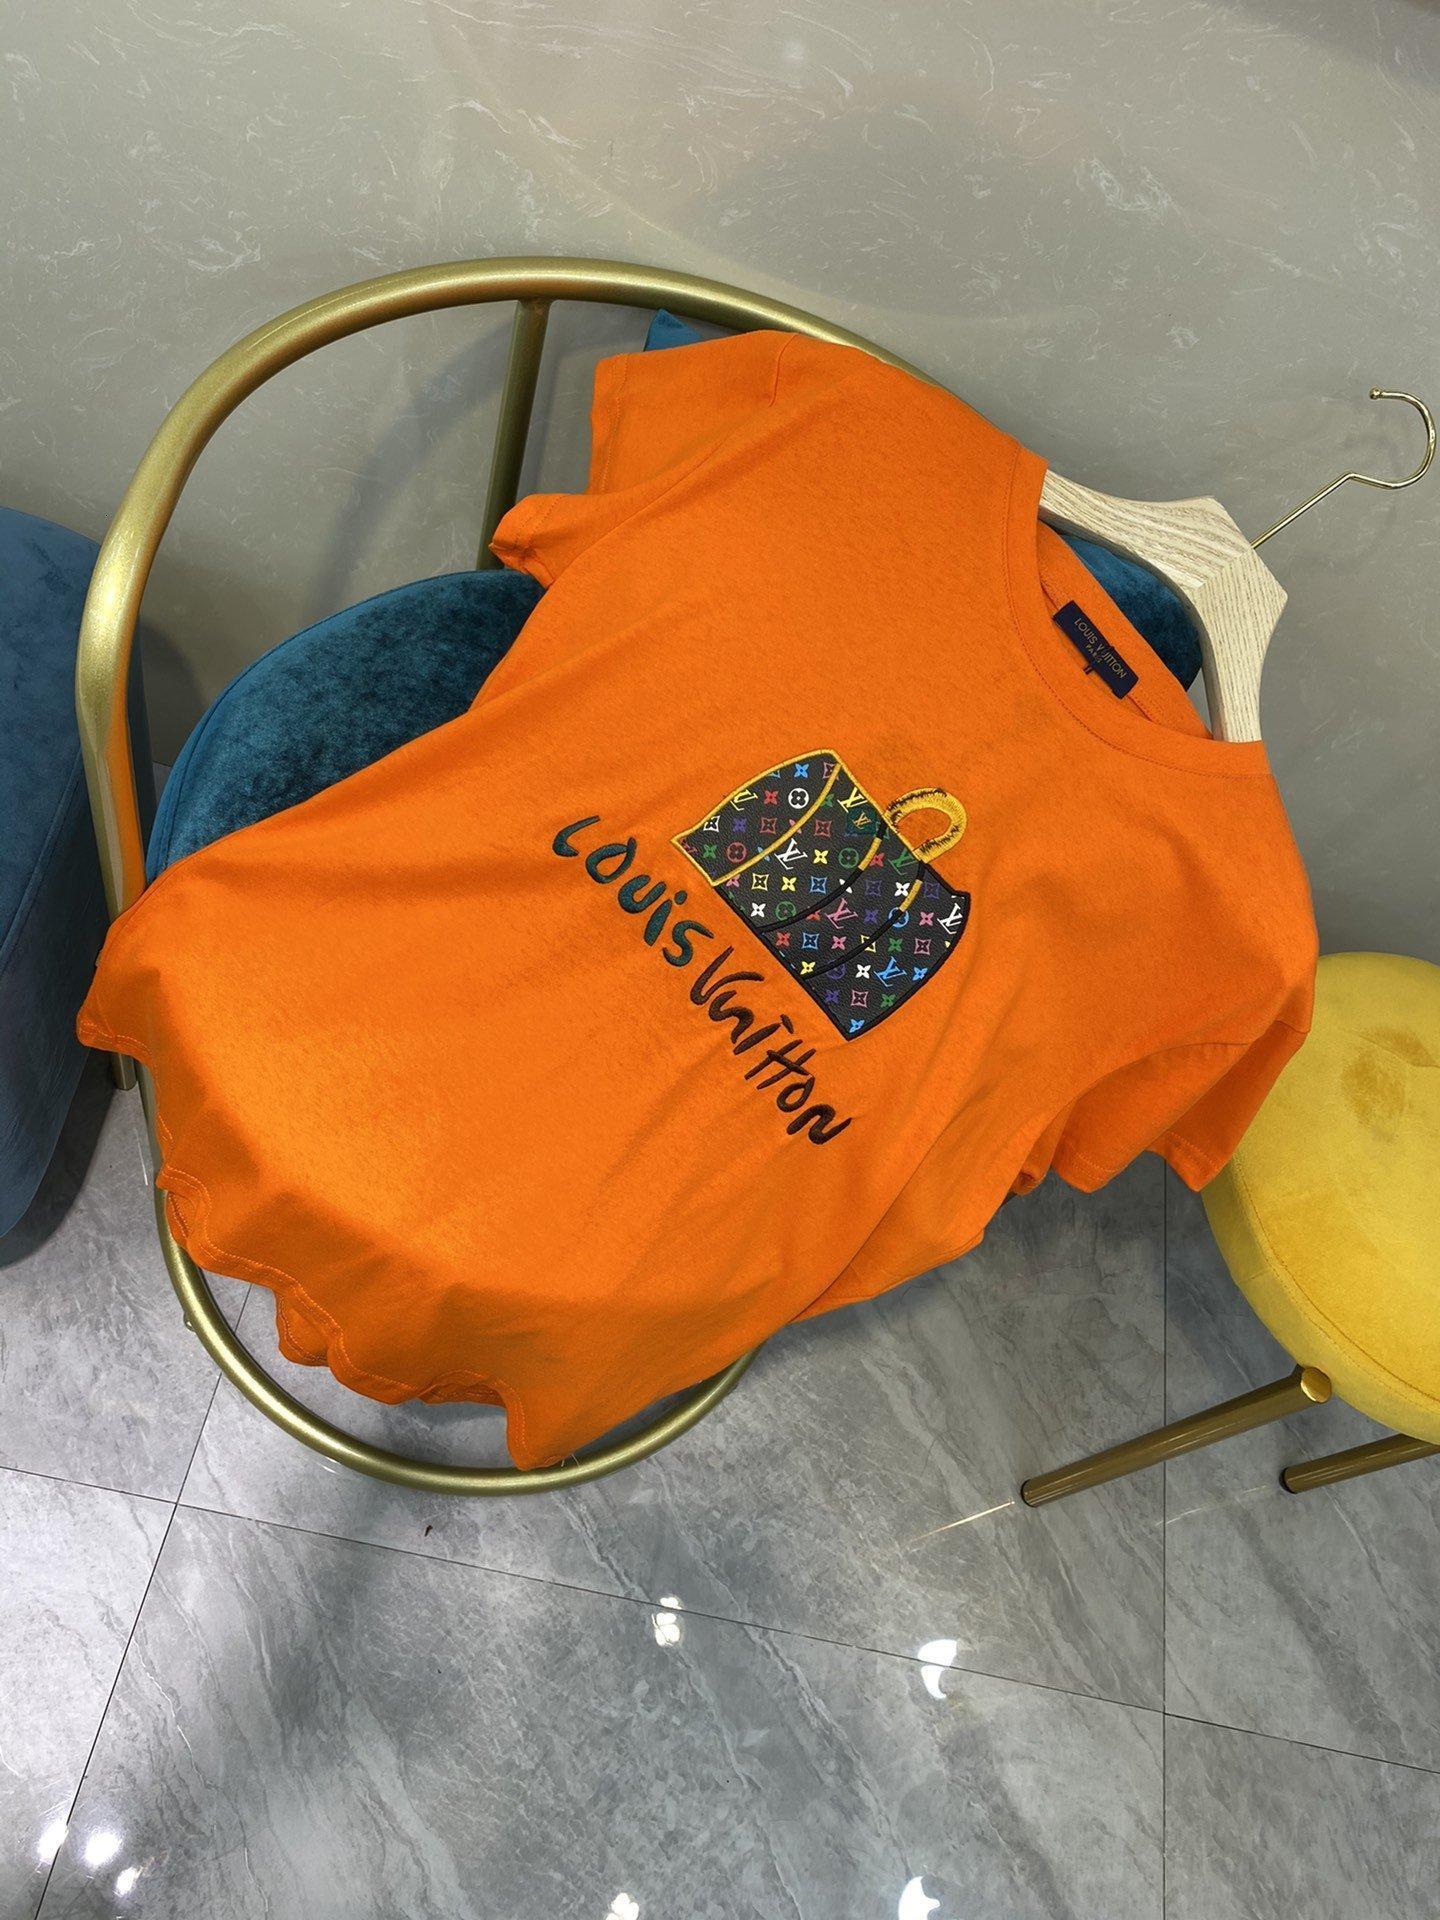 Designer femmes shirt 2020 chemises mode été t-shirts éjectées expédition le nouveau charme Party favori 2THA liste KCH3 KCH3